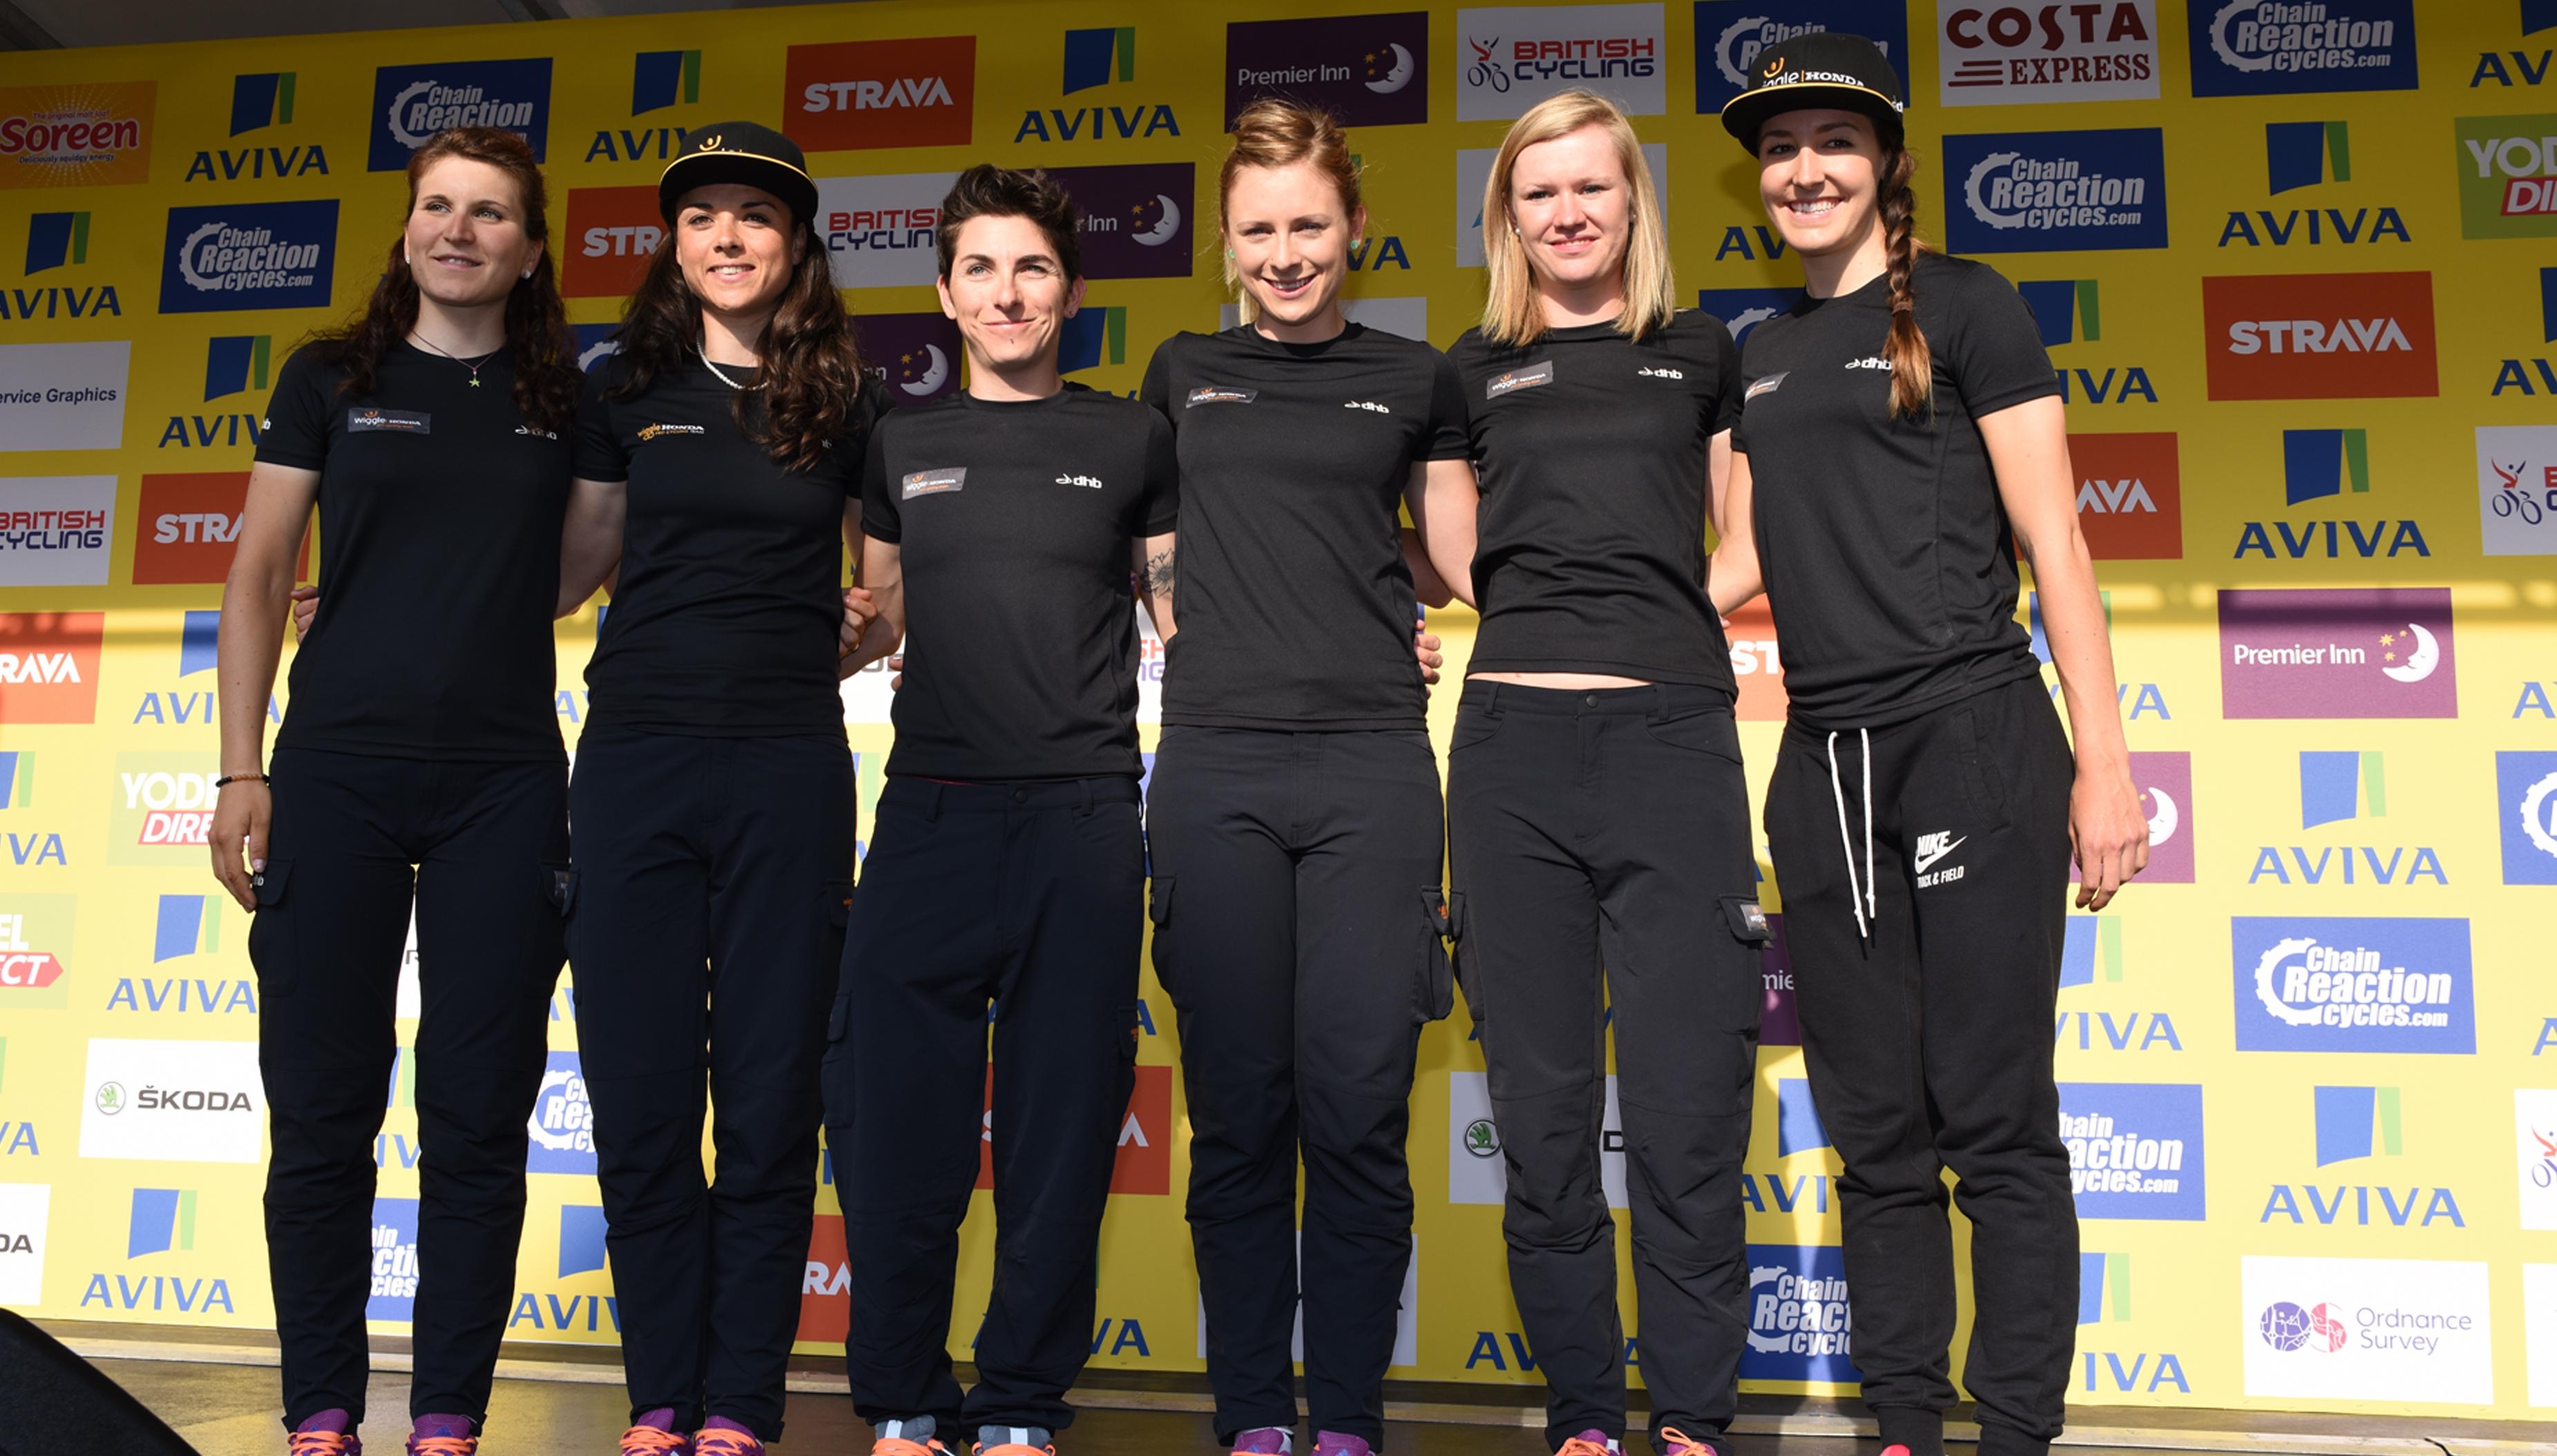 Final rider list for the Aviva Women's Tour confirmed